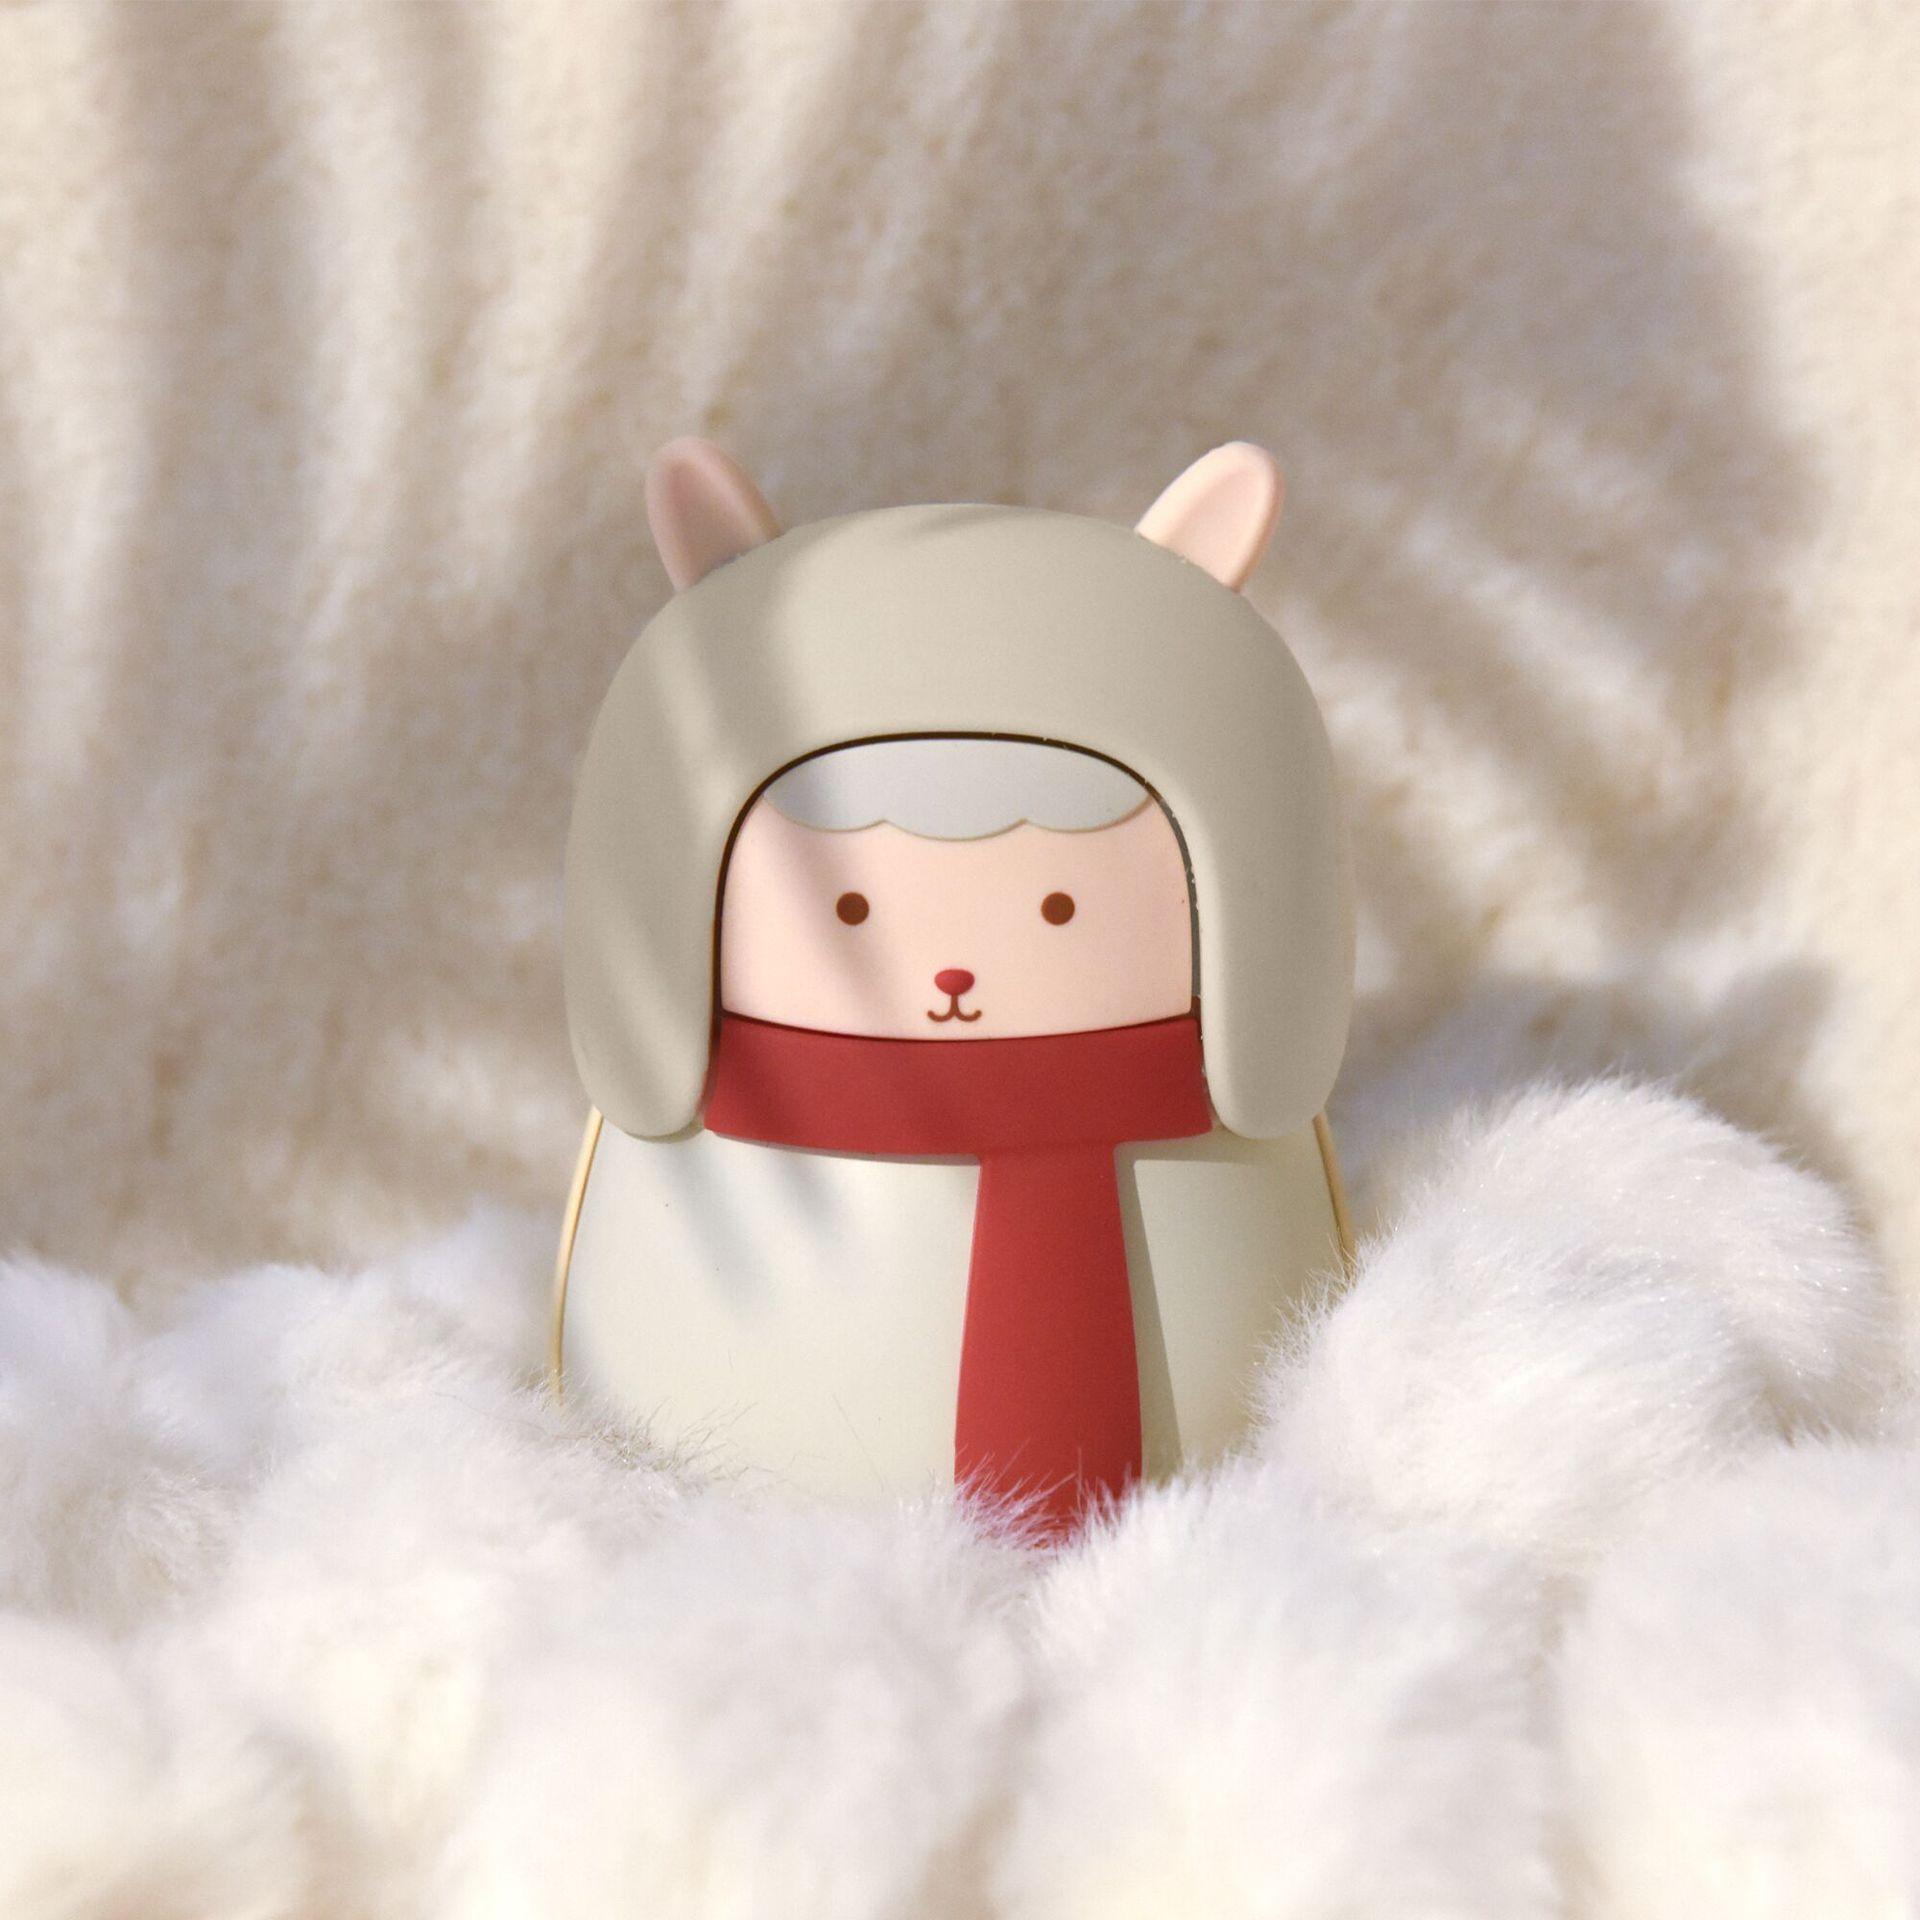 暖手宝充电宝两用防爆迷你可爱暖宝宝小羊随身便携式学生电热宝女